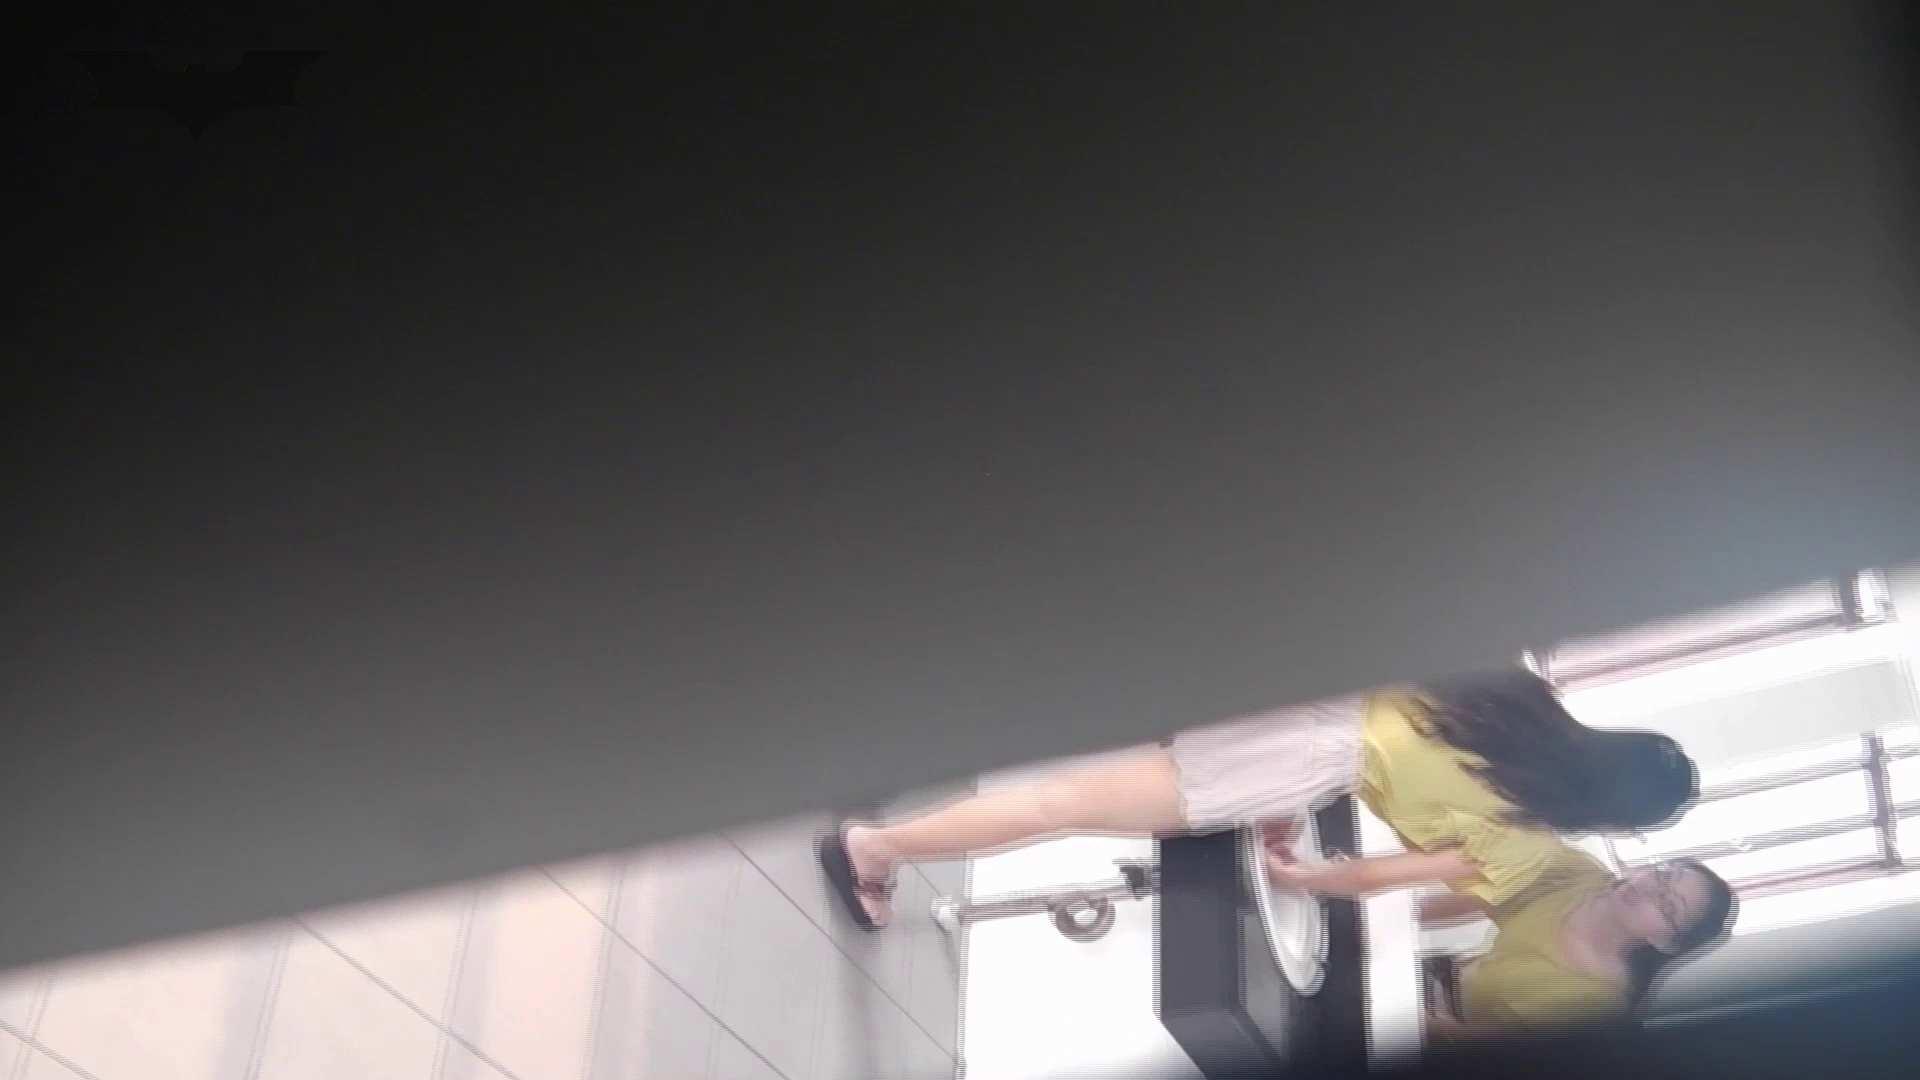 潜入!!台湾名門女学院 Vol.04 二ケツ同時撮り!! 盗撮映像大放出  67連発 40